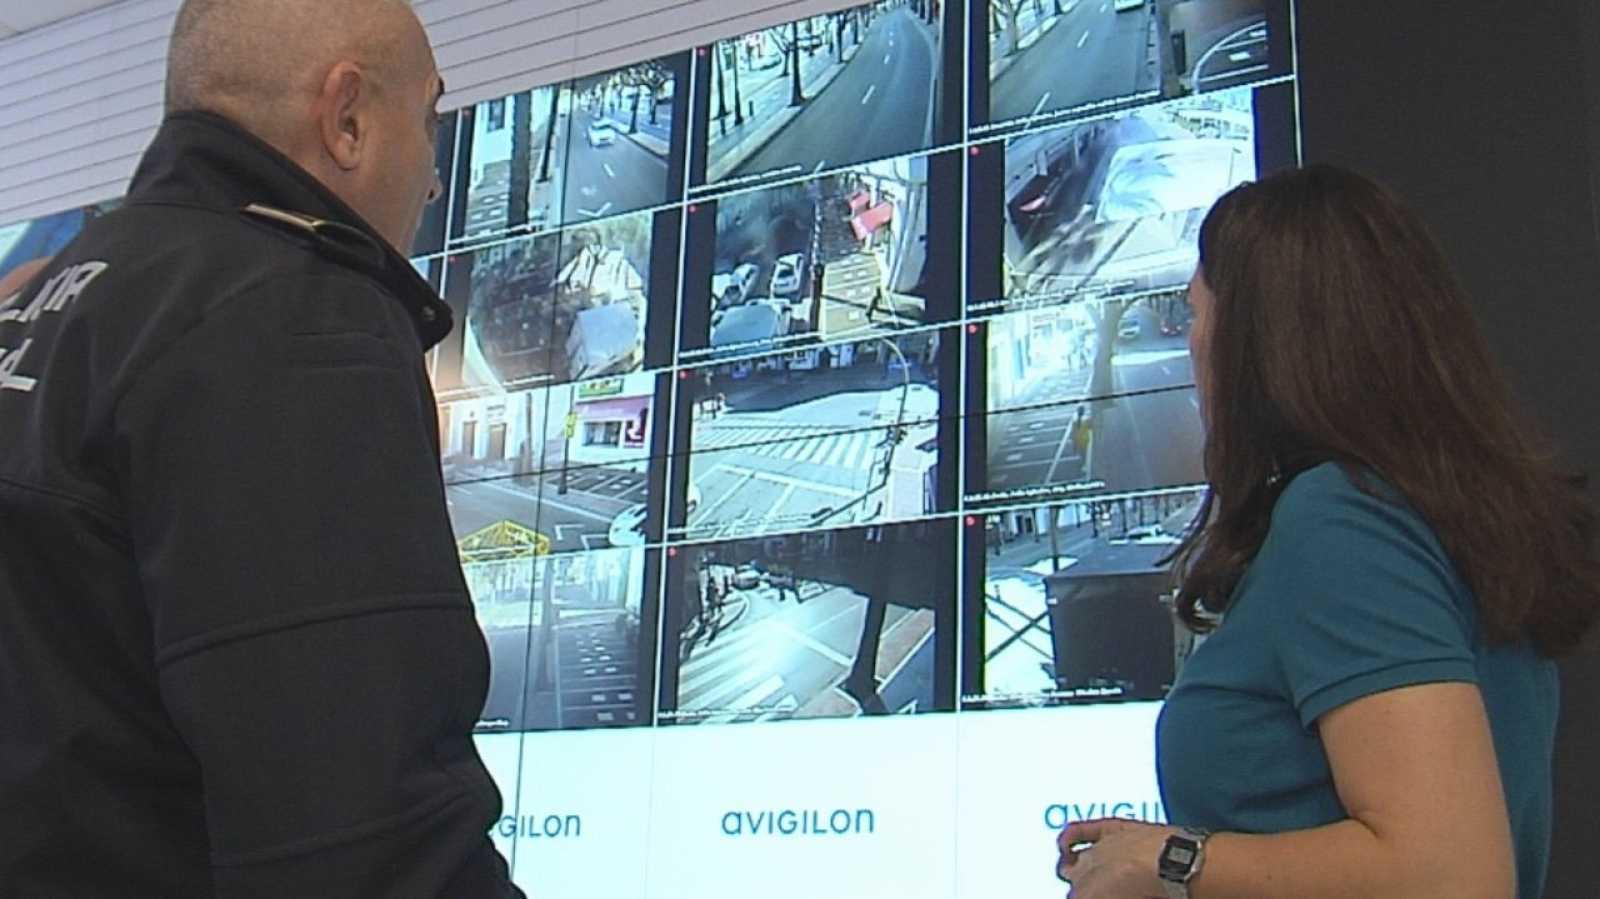 Comando Actualidad - Marbella, un laboratorio de video vigilancia